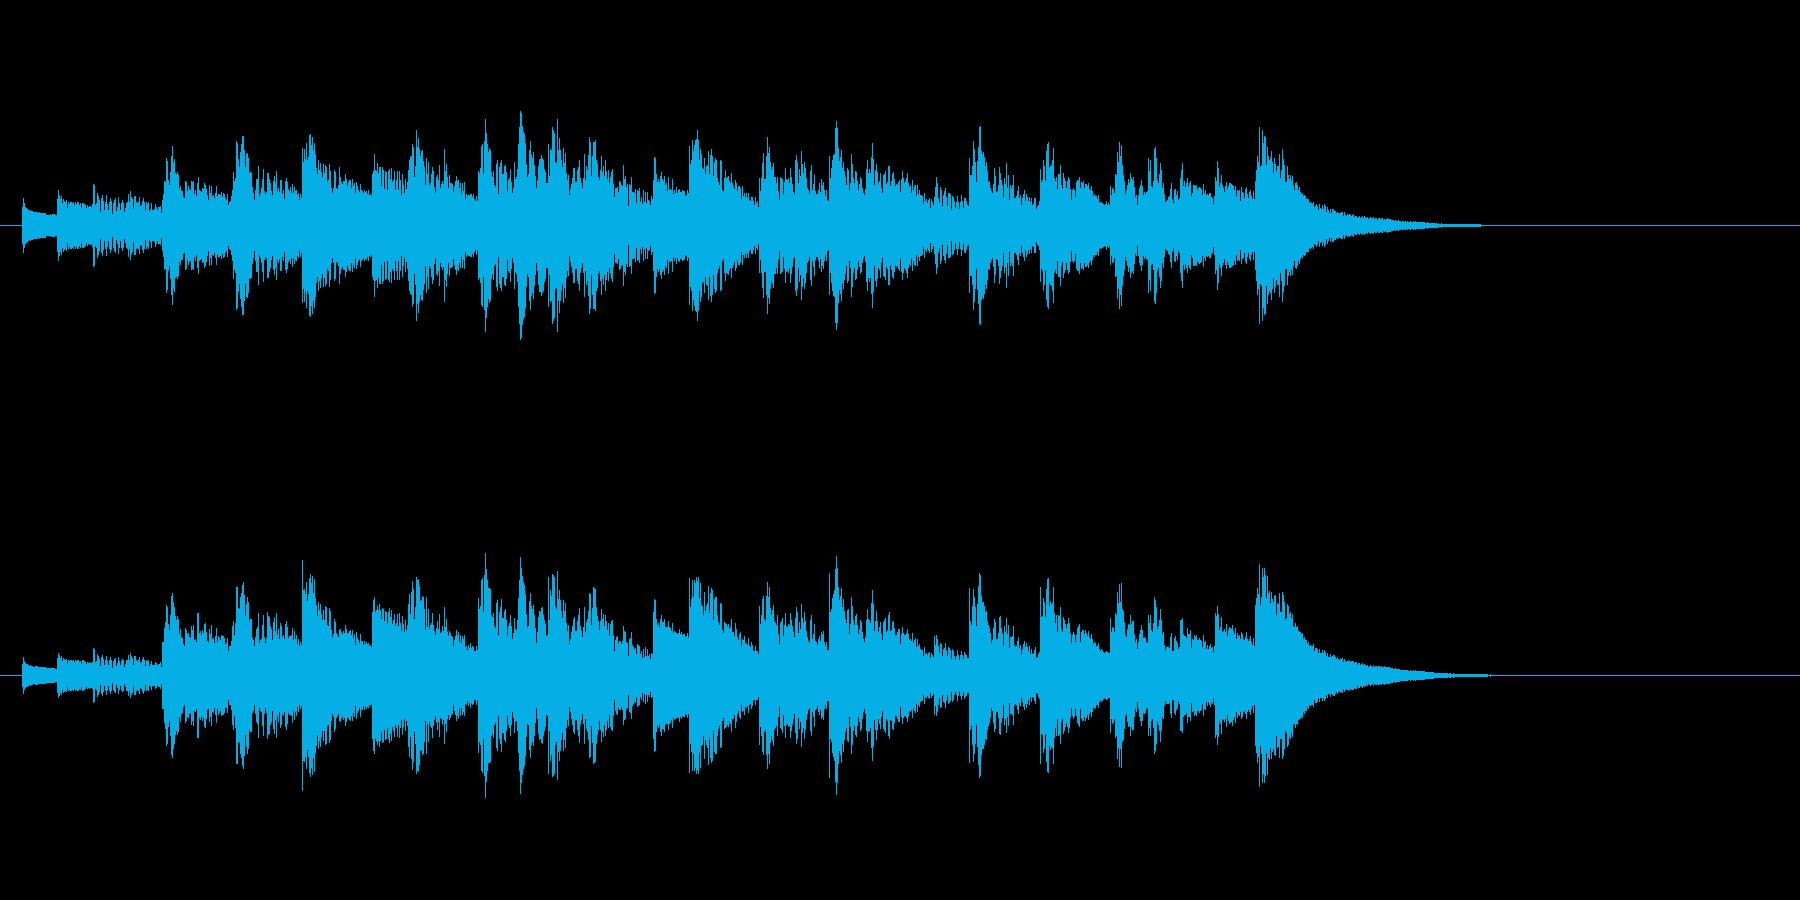 優しいオルゴールに、邪魔しない程度のピ…の再生済みの波形